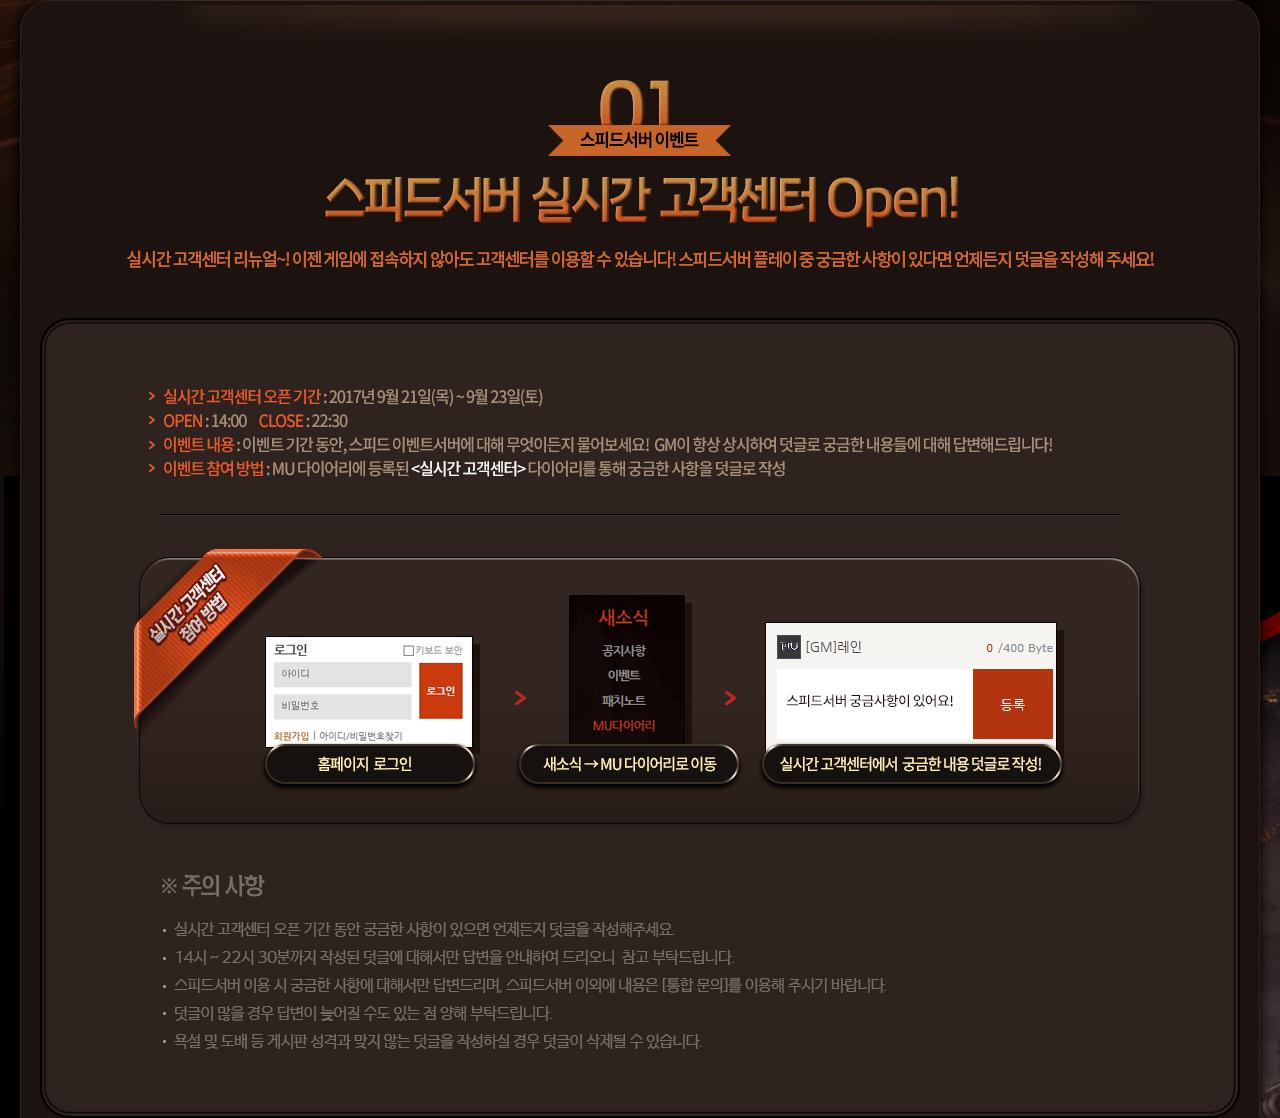 스피드서버 실시간 고객센터 Open!